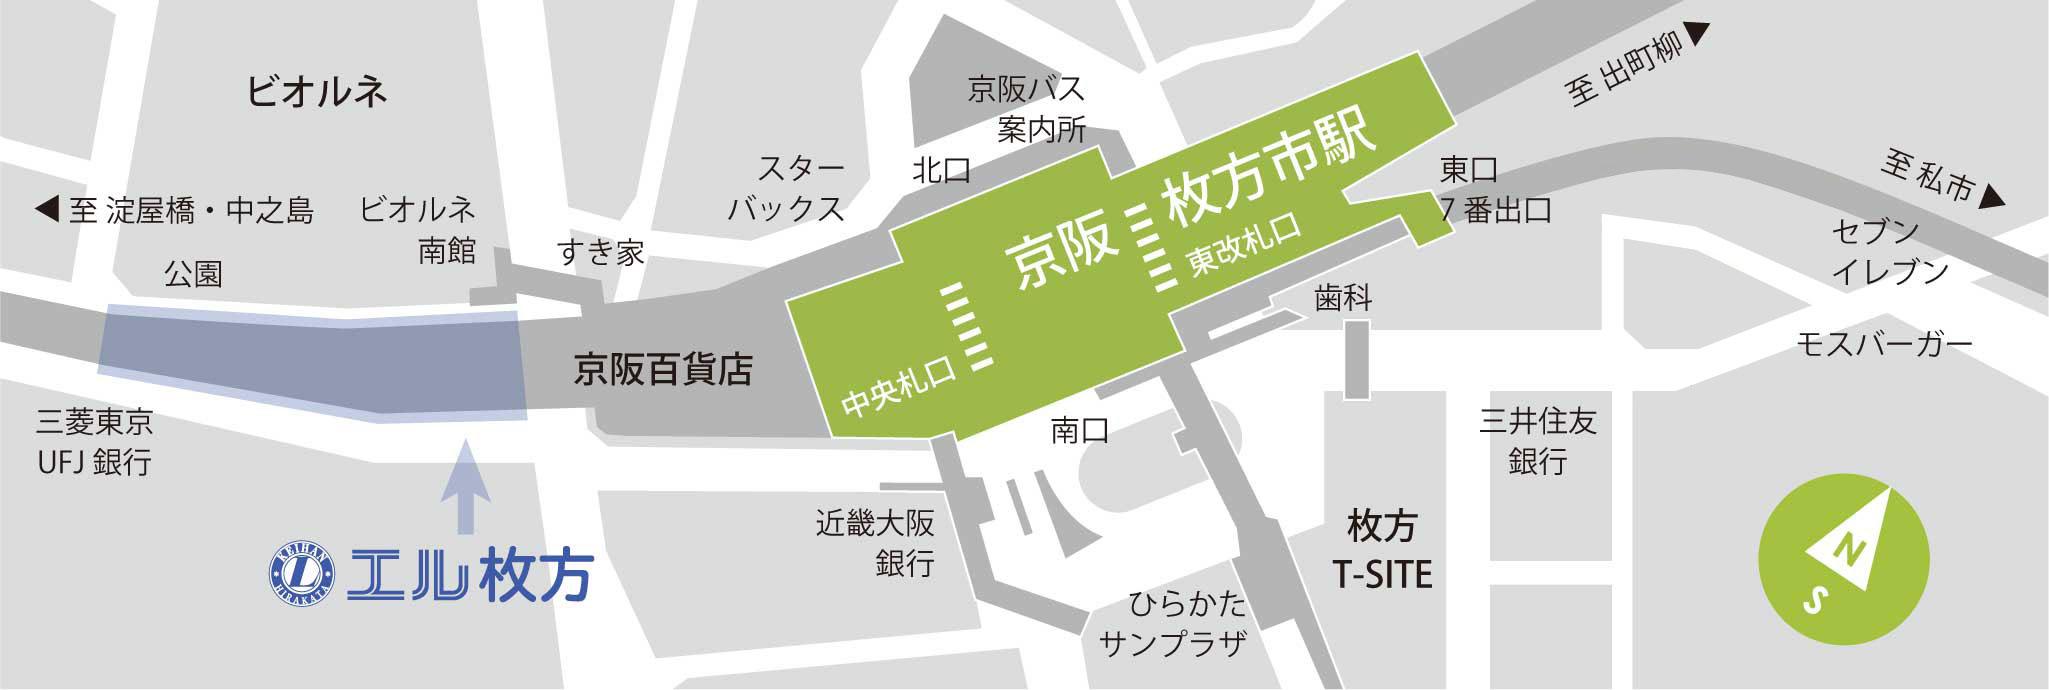 駅 構内 市 図 枚方